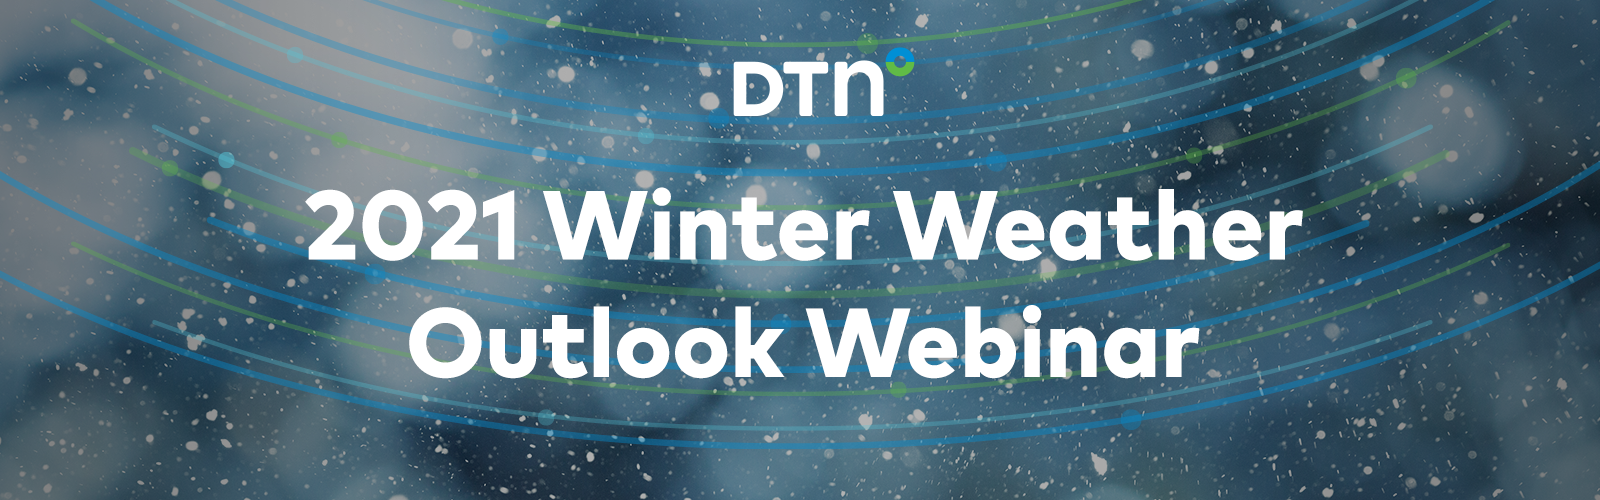 2021 Winter Weather Outlook Webinar